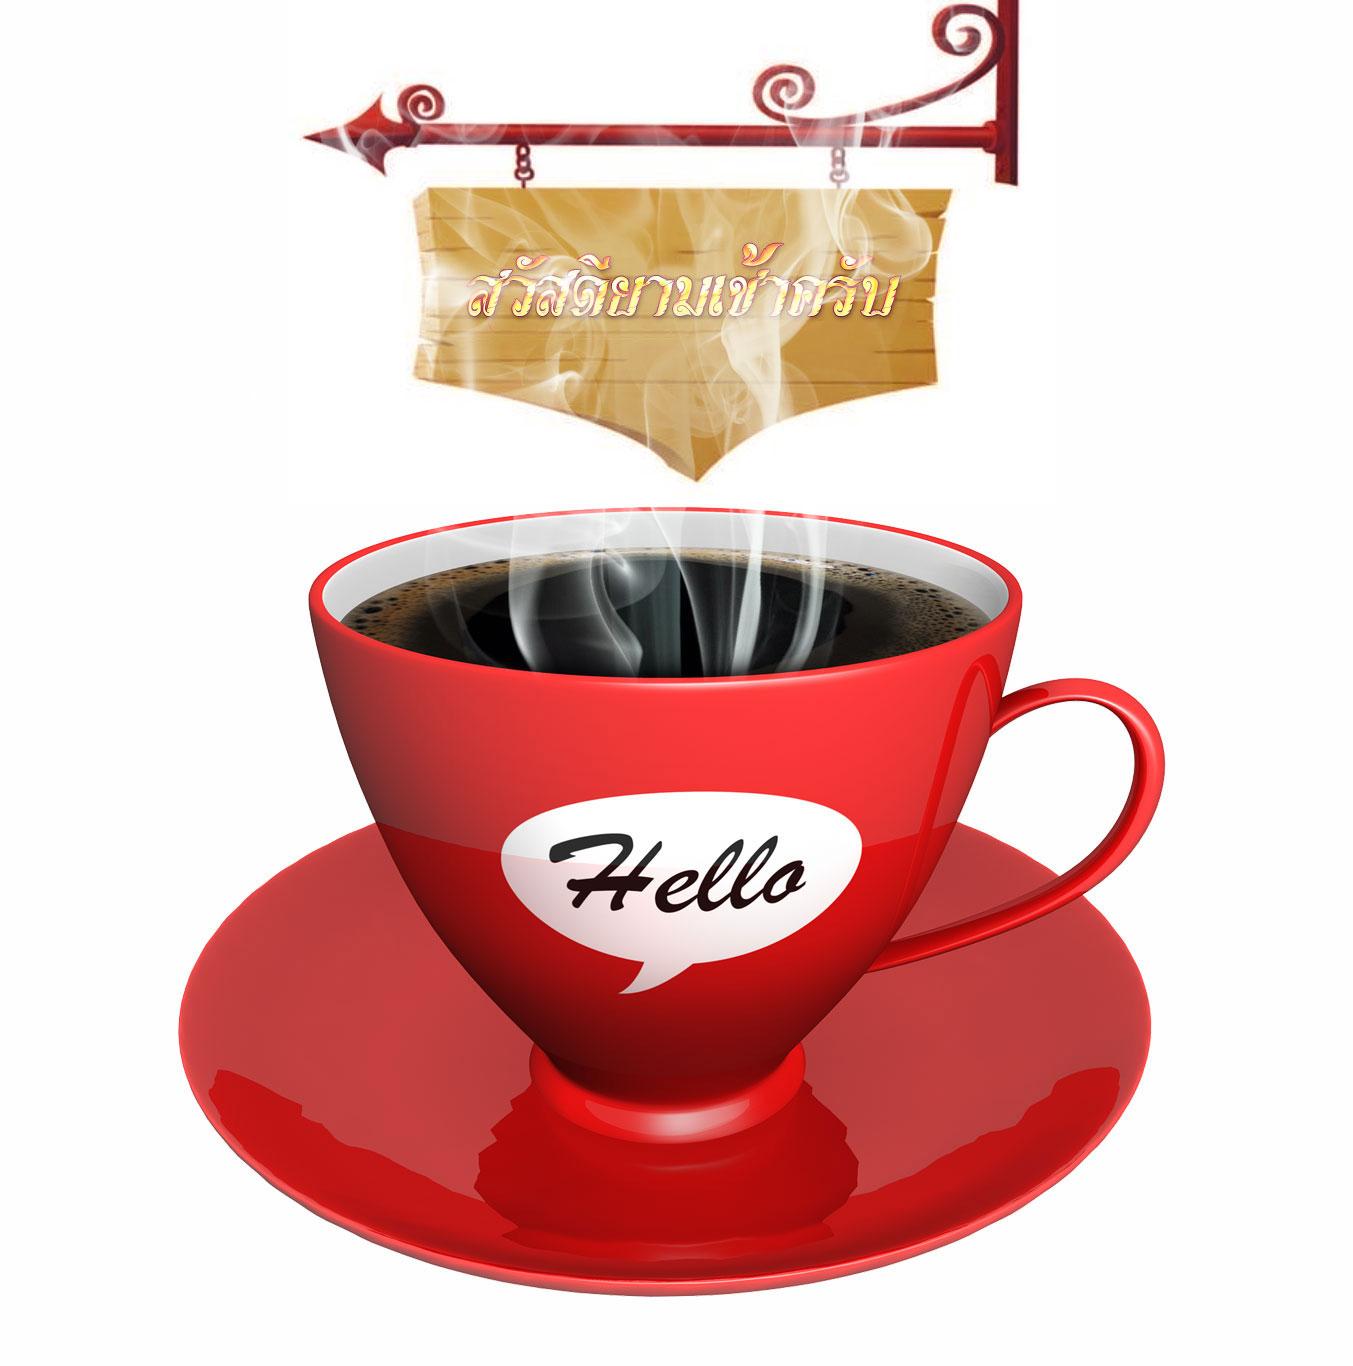 ยามเช้ากาแฟ.jpg